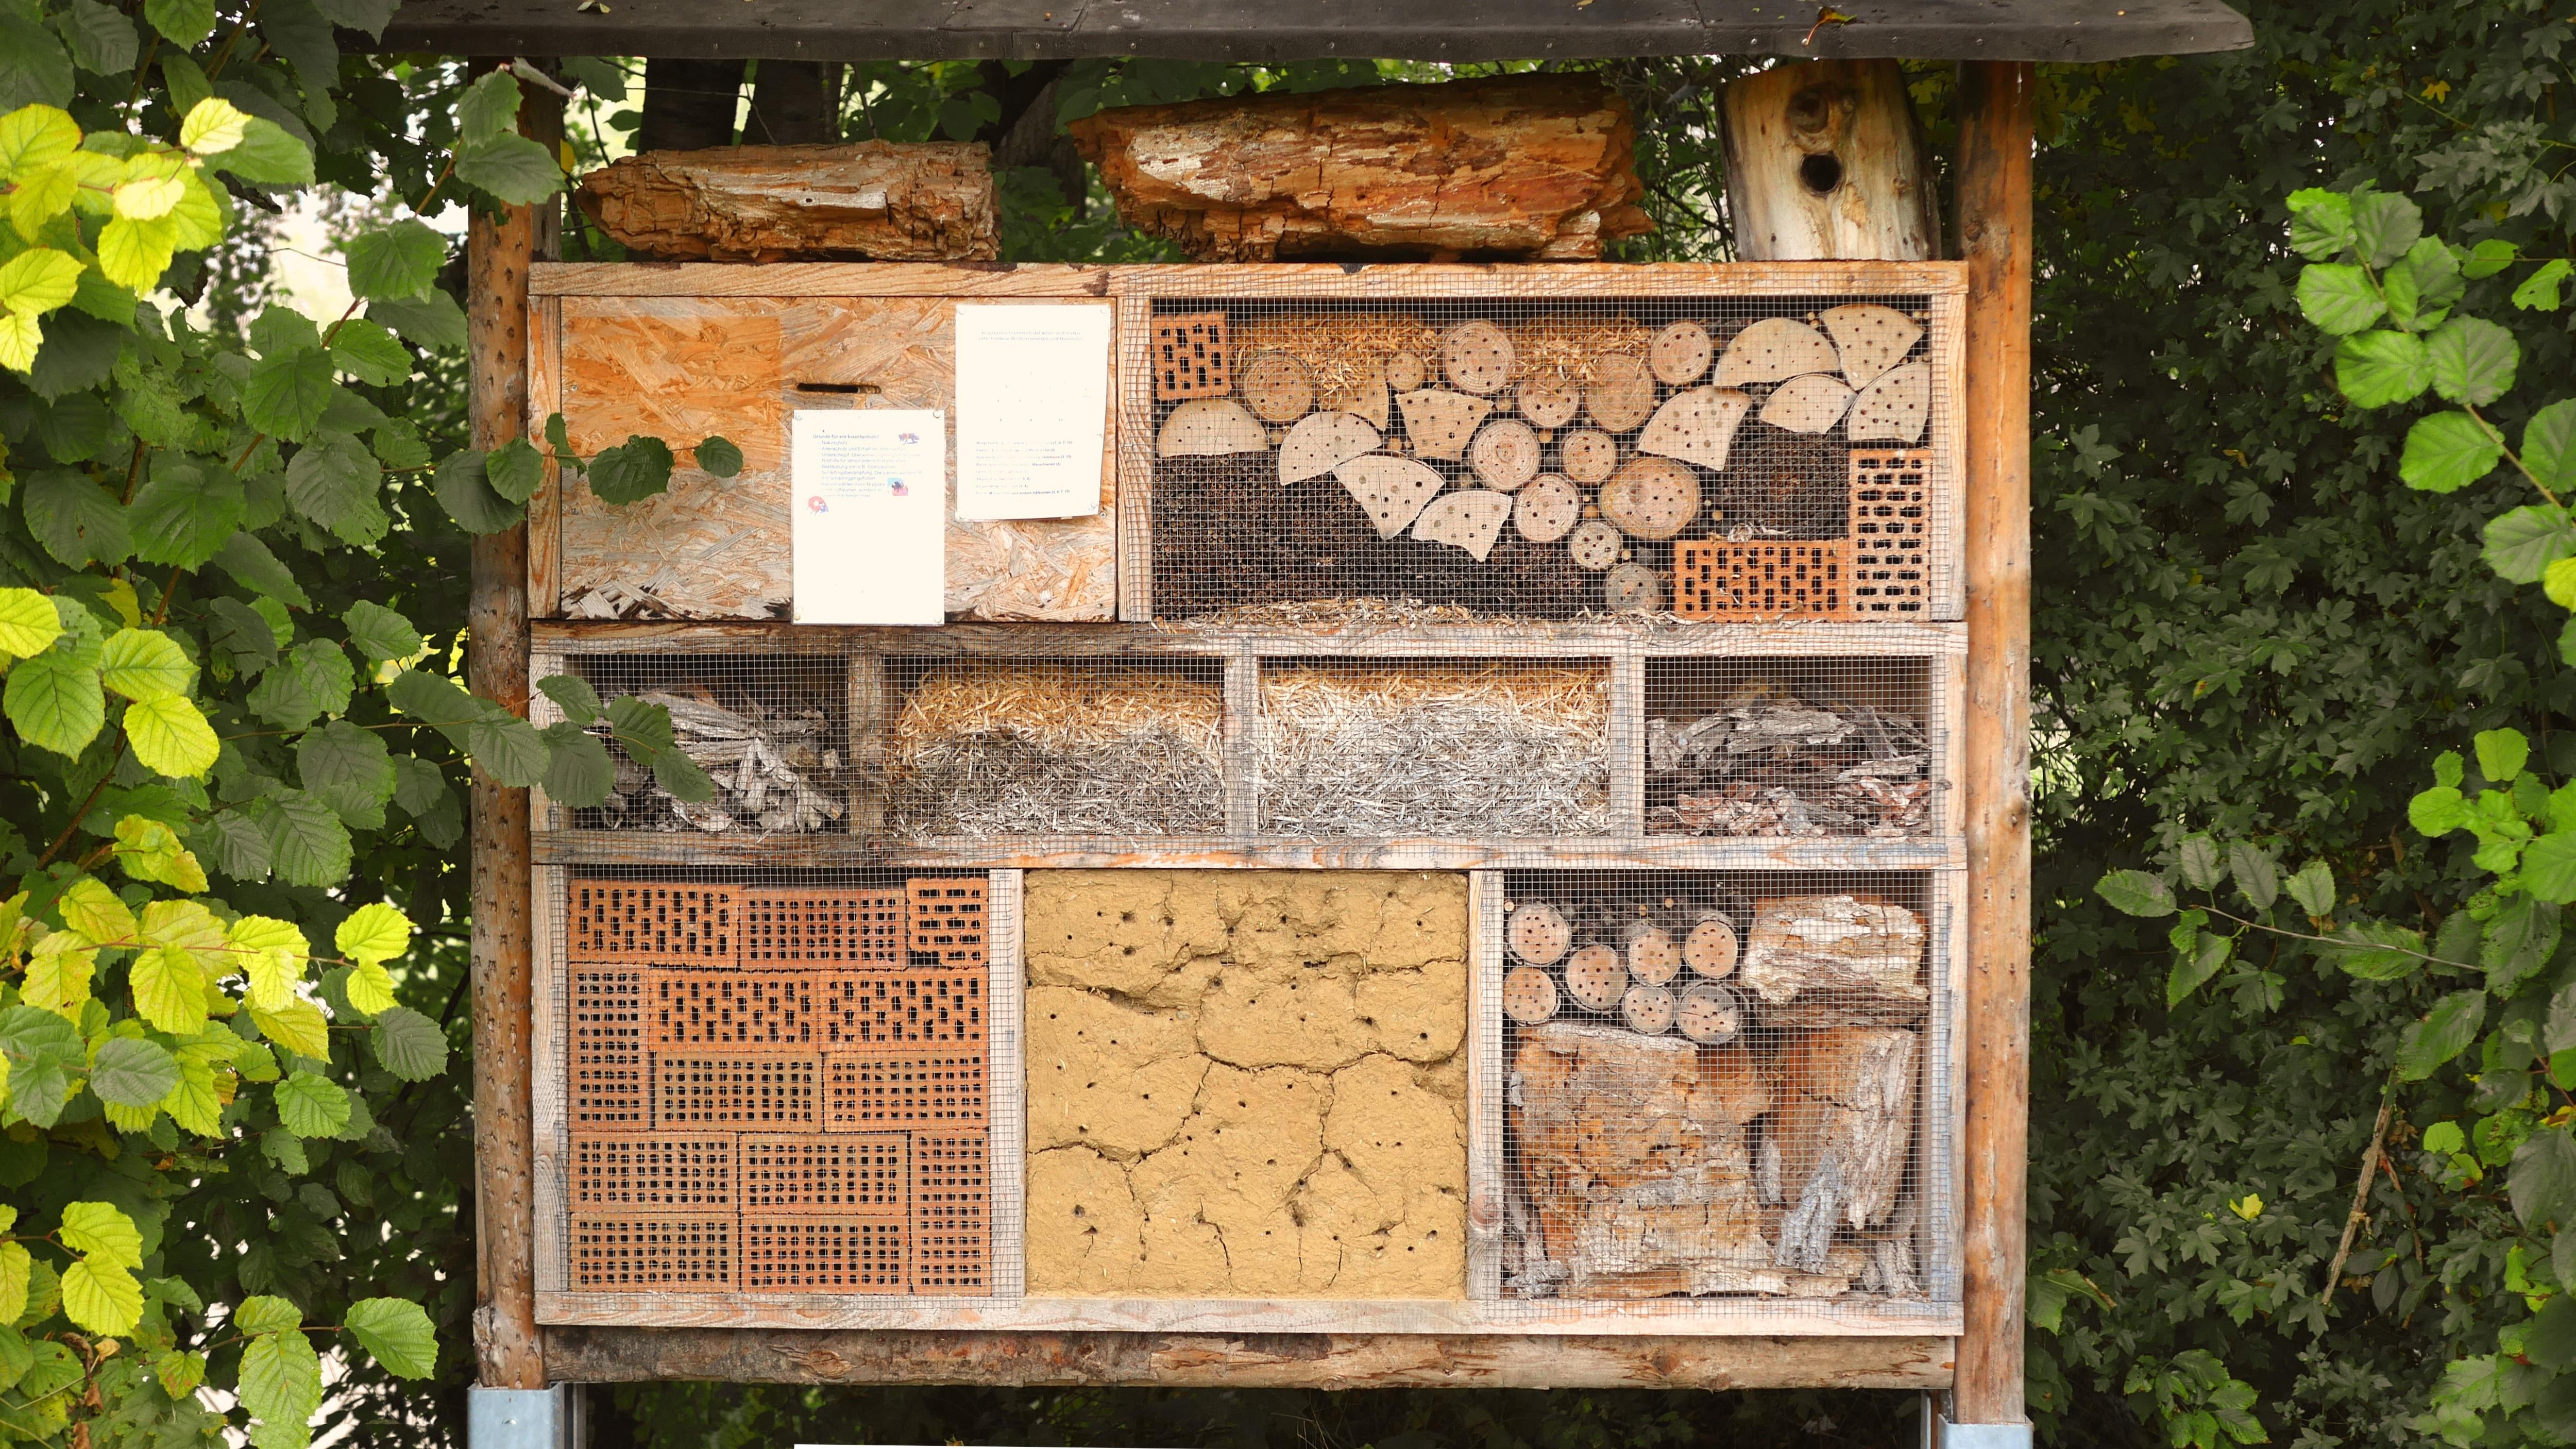 Hotel A Insecte Fabrication un hôtel à insectes pour son jardin | les éclaireurs